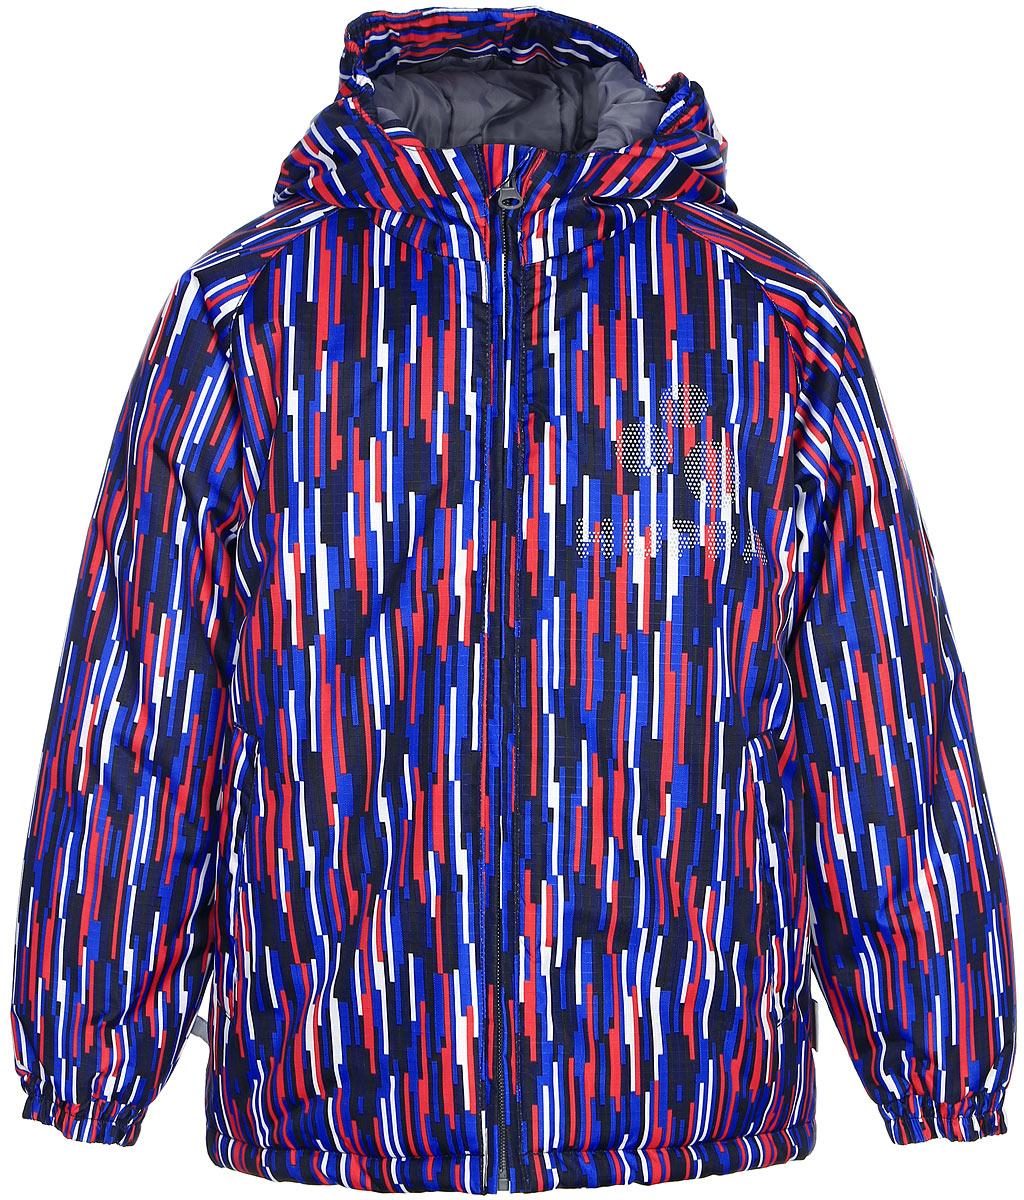 Куртка детская Huppa Classy, цвет: темно-синий. 17710030-586. Размер 15217710030-586Детская куртка Huppa изготовлена из водонепроницаемого полиэстера. Куртка с капюшоном застегивается на пластиковую застежку-молнию с защитой подбородка. Края капюшона и рукавов собраны на внутренние резинки. У модели имеются два врезных кармана. Изделие дополнено светоотражающими элементами